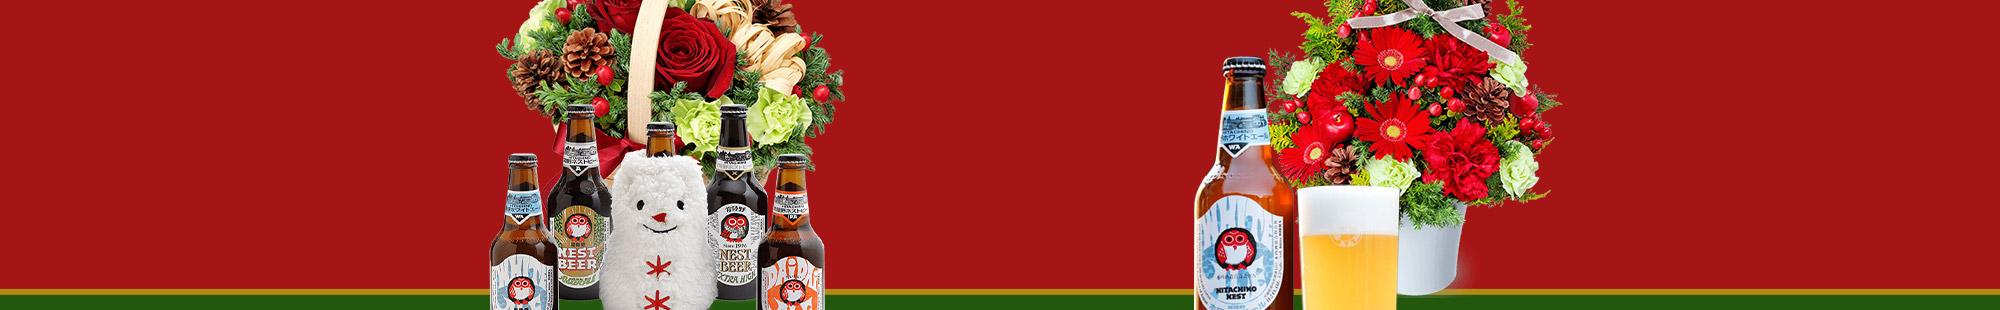 花キューピットのクリスマス お花とドリンクのセット特集2020